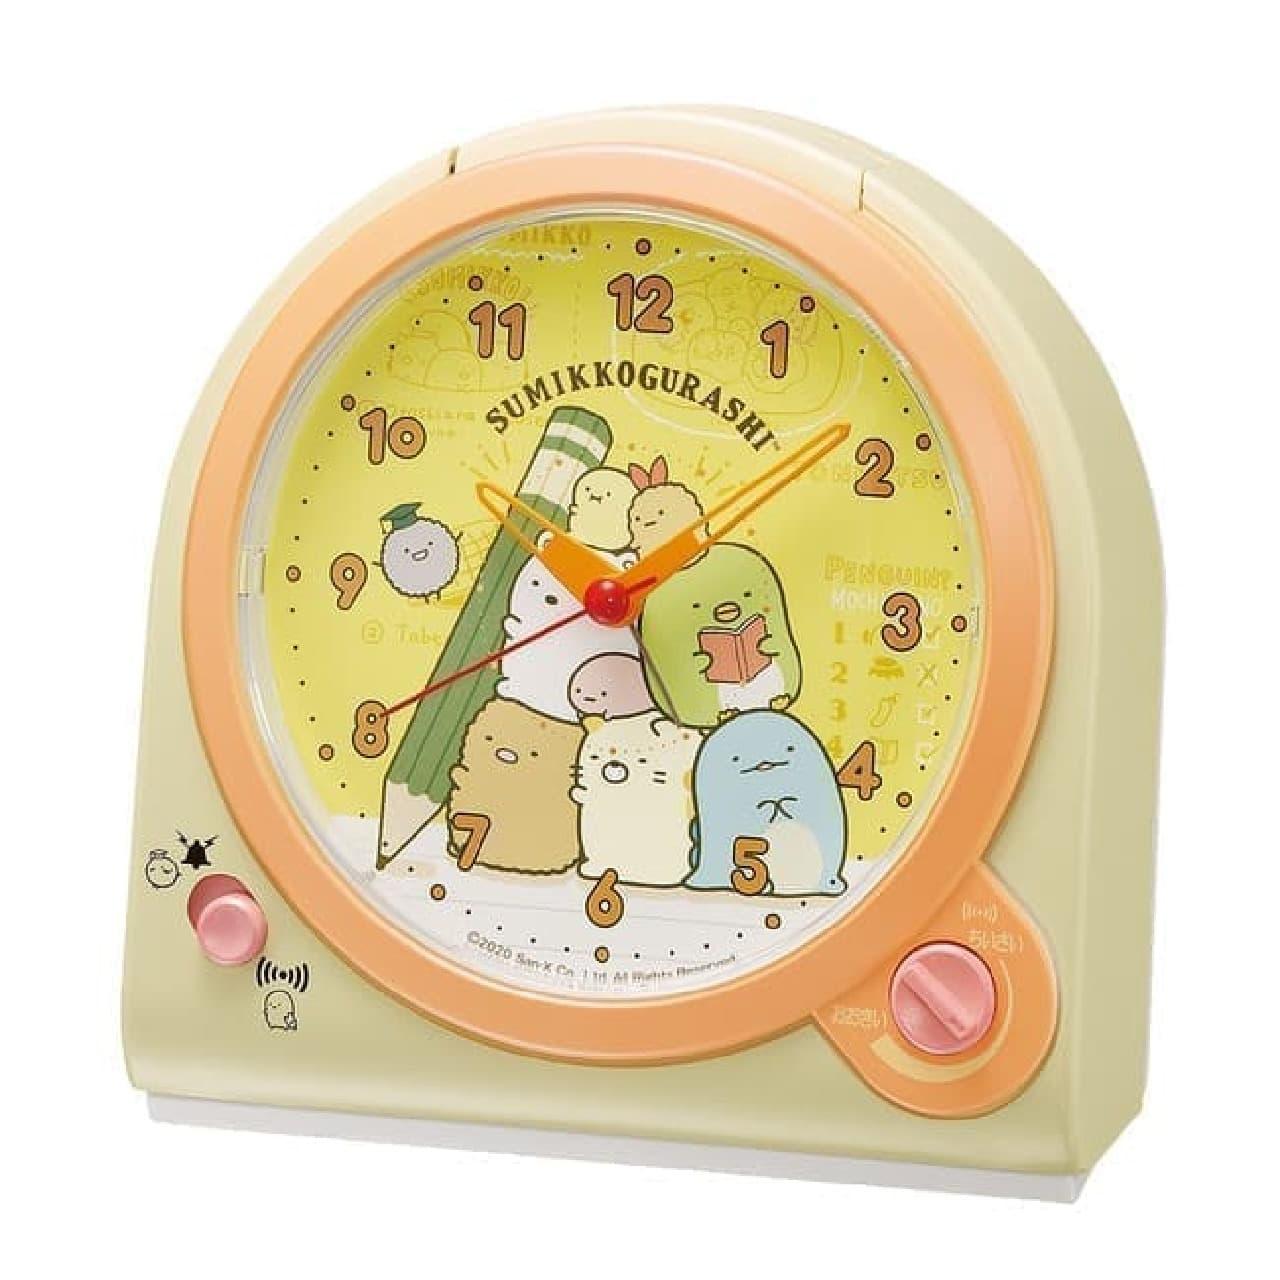 「すみっコぐらし」の目覚まし時計